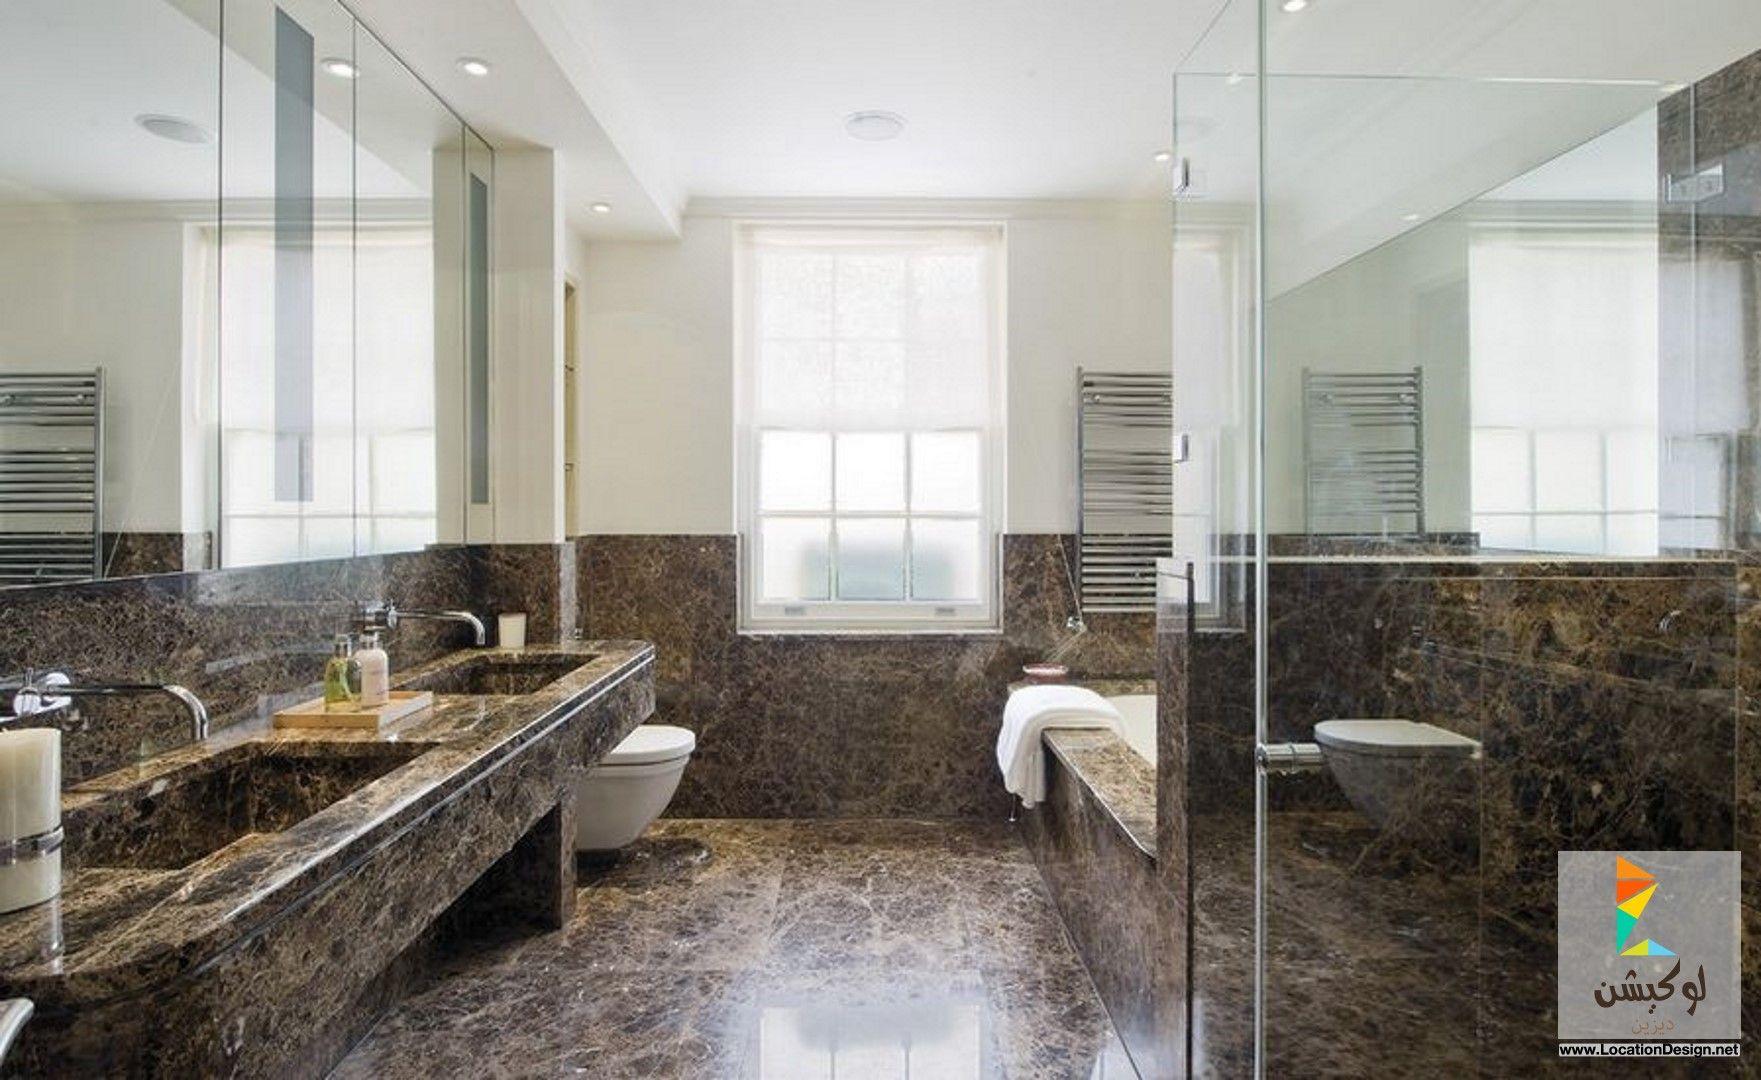 أحدث ديكورات حمامات رخام غايه في الفخامه لوكيشن ديزاين تصميمات ديكورات أفكار جديدة مص Marble Bathroom Designs Marble Bathroom Sophisticated Bathroom